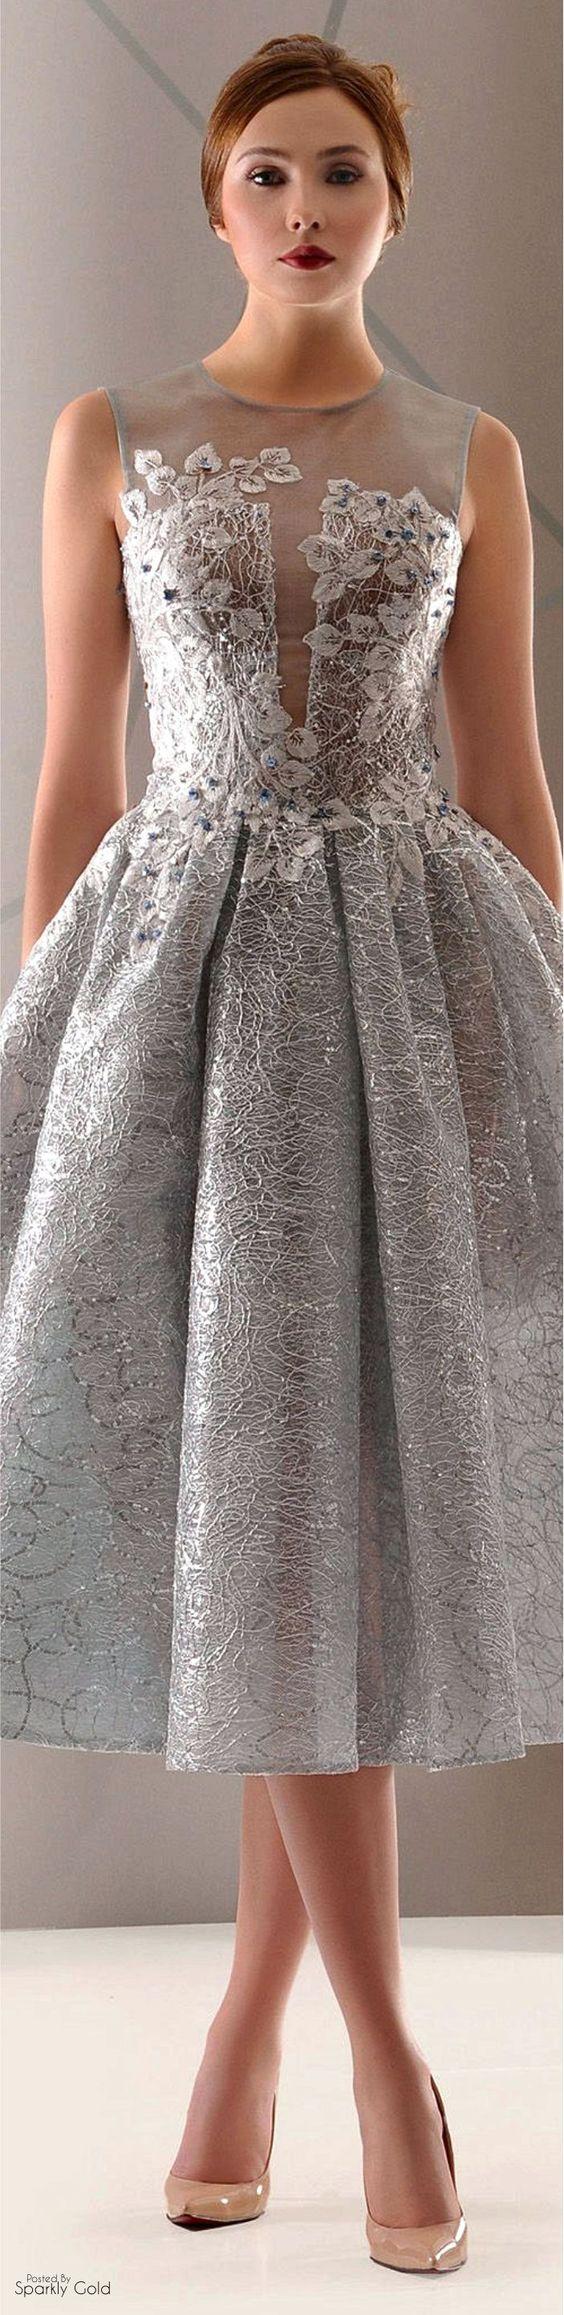 Antonios Couture Primavera 2016 Couture: